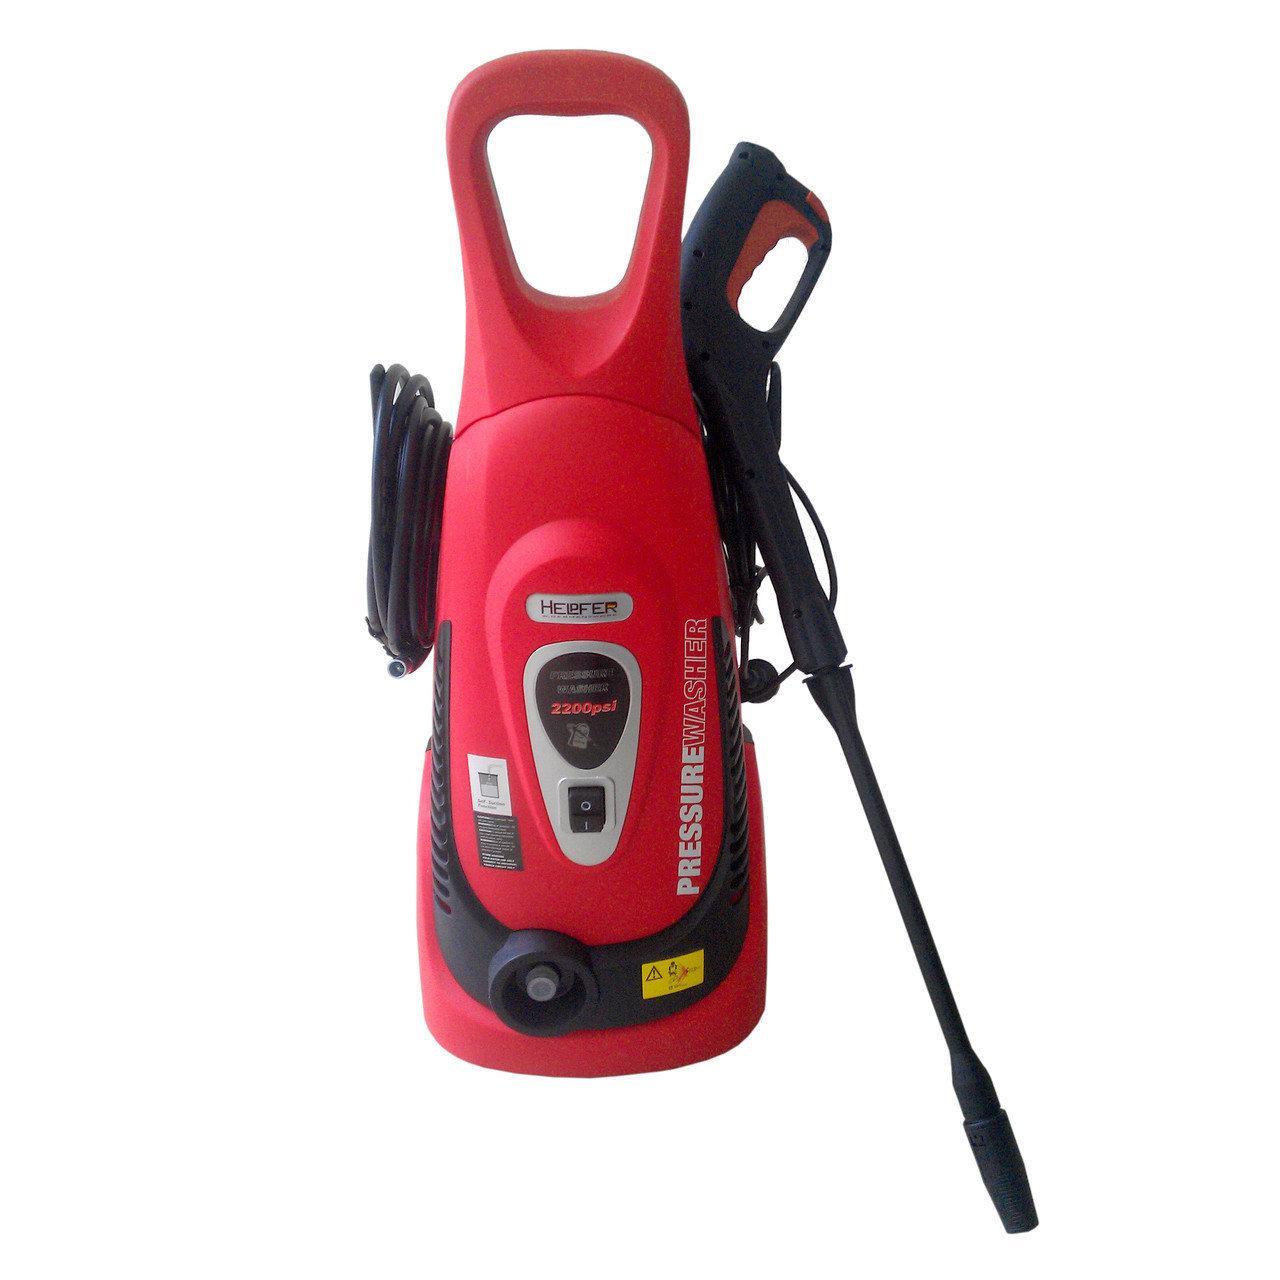 304-02 Мойка высокого давления Helpfer LD-HP9170 (9-02, 150 атм)